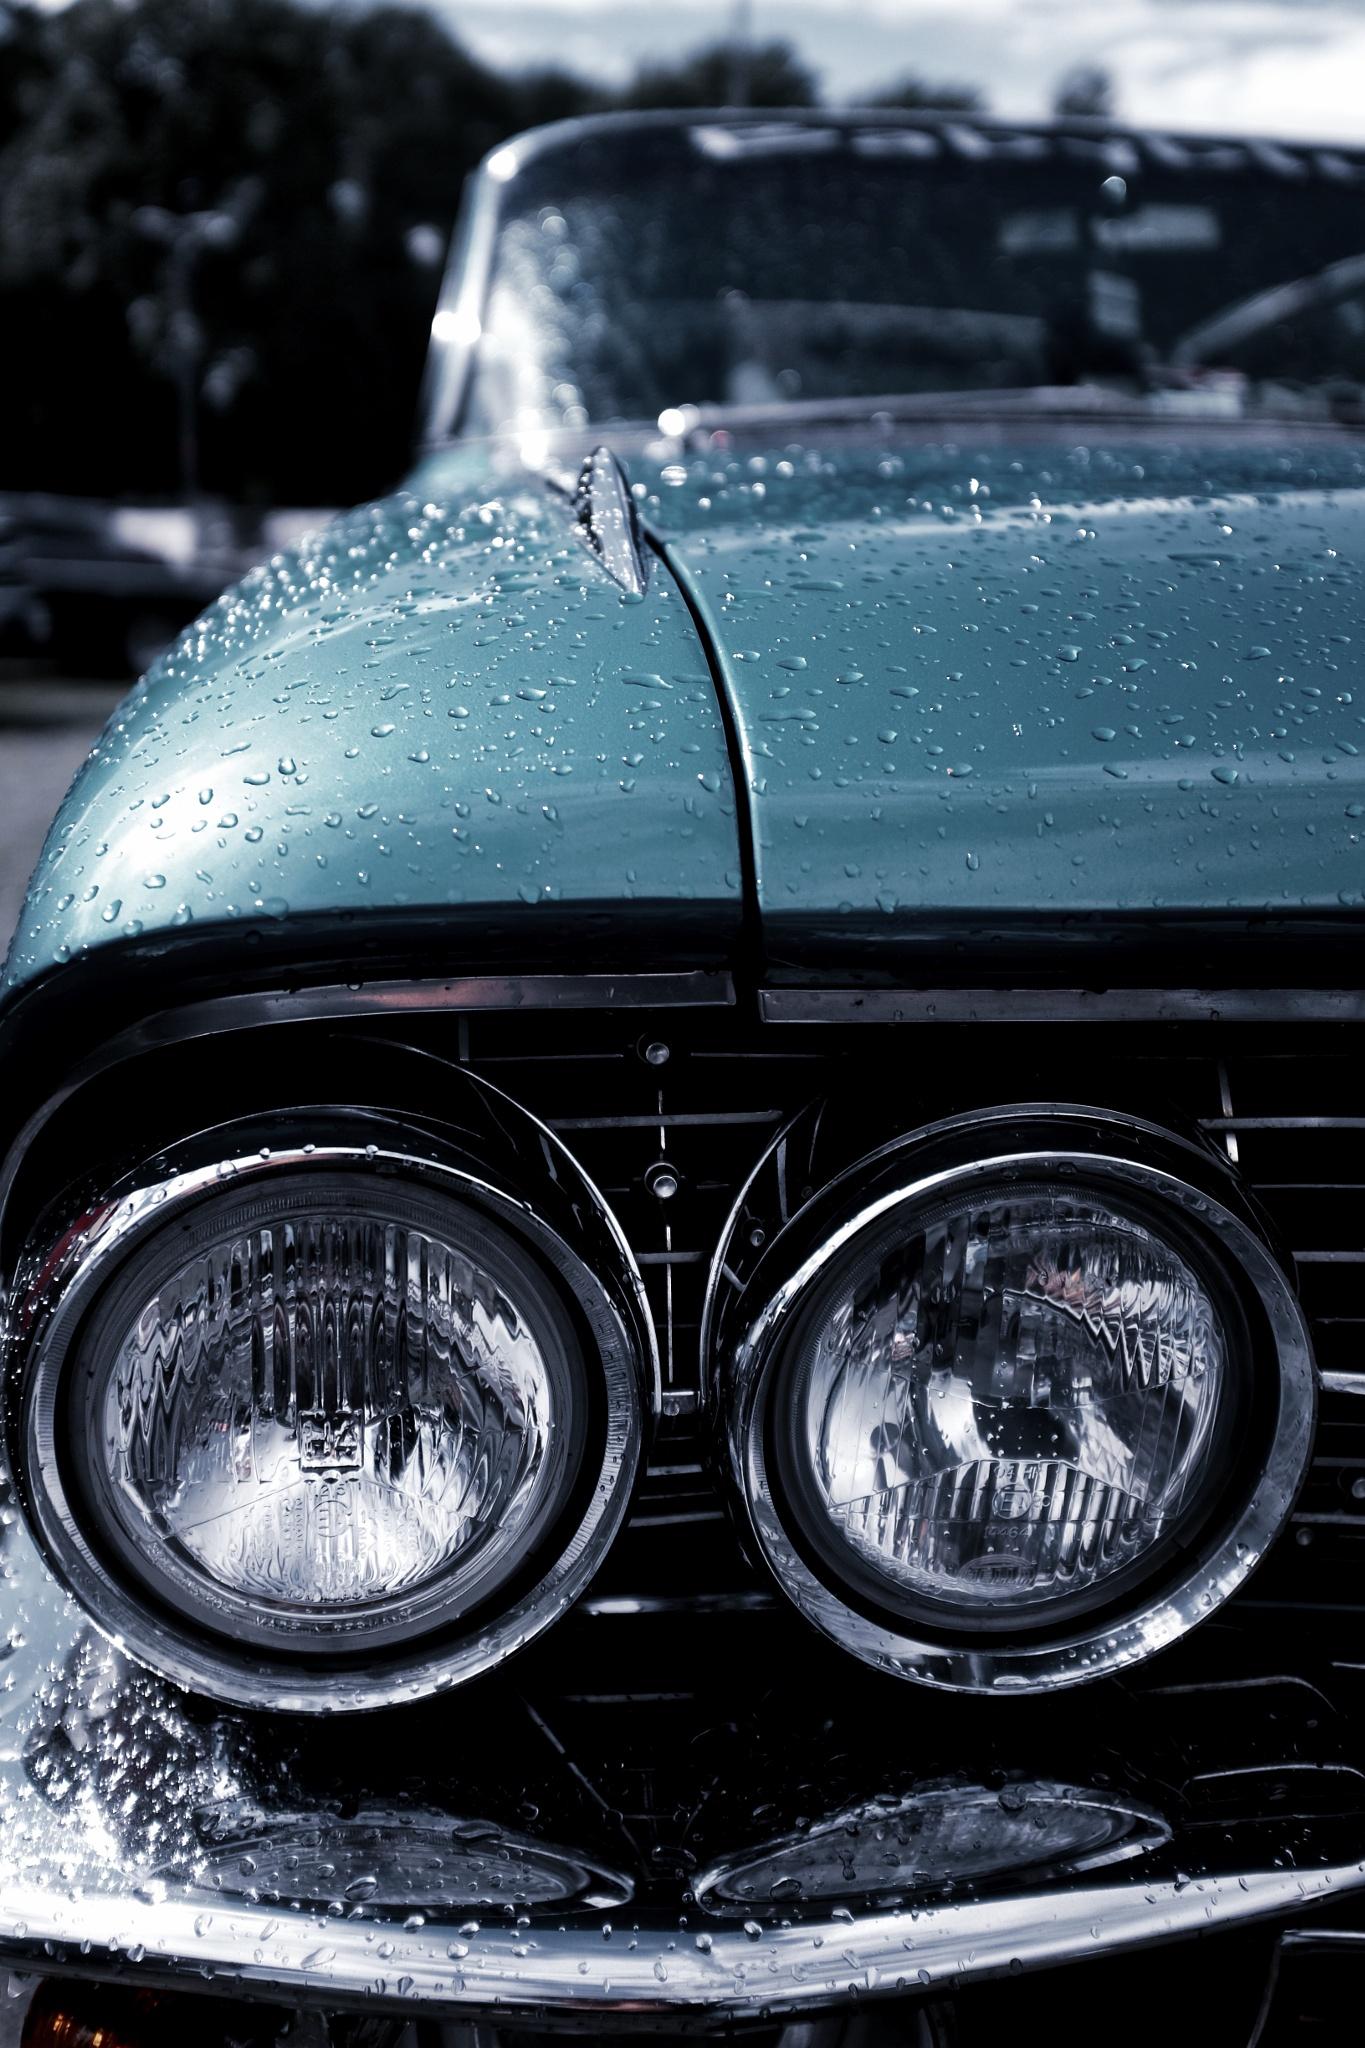 This Car by peterkryzun